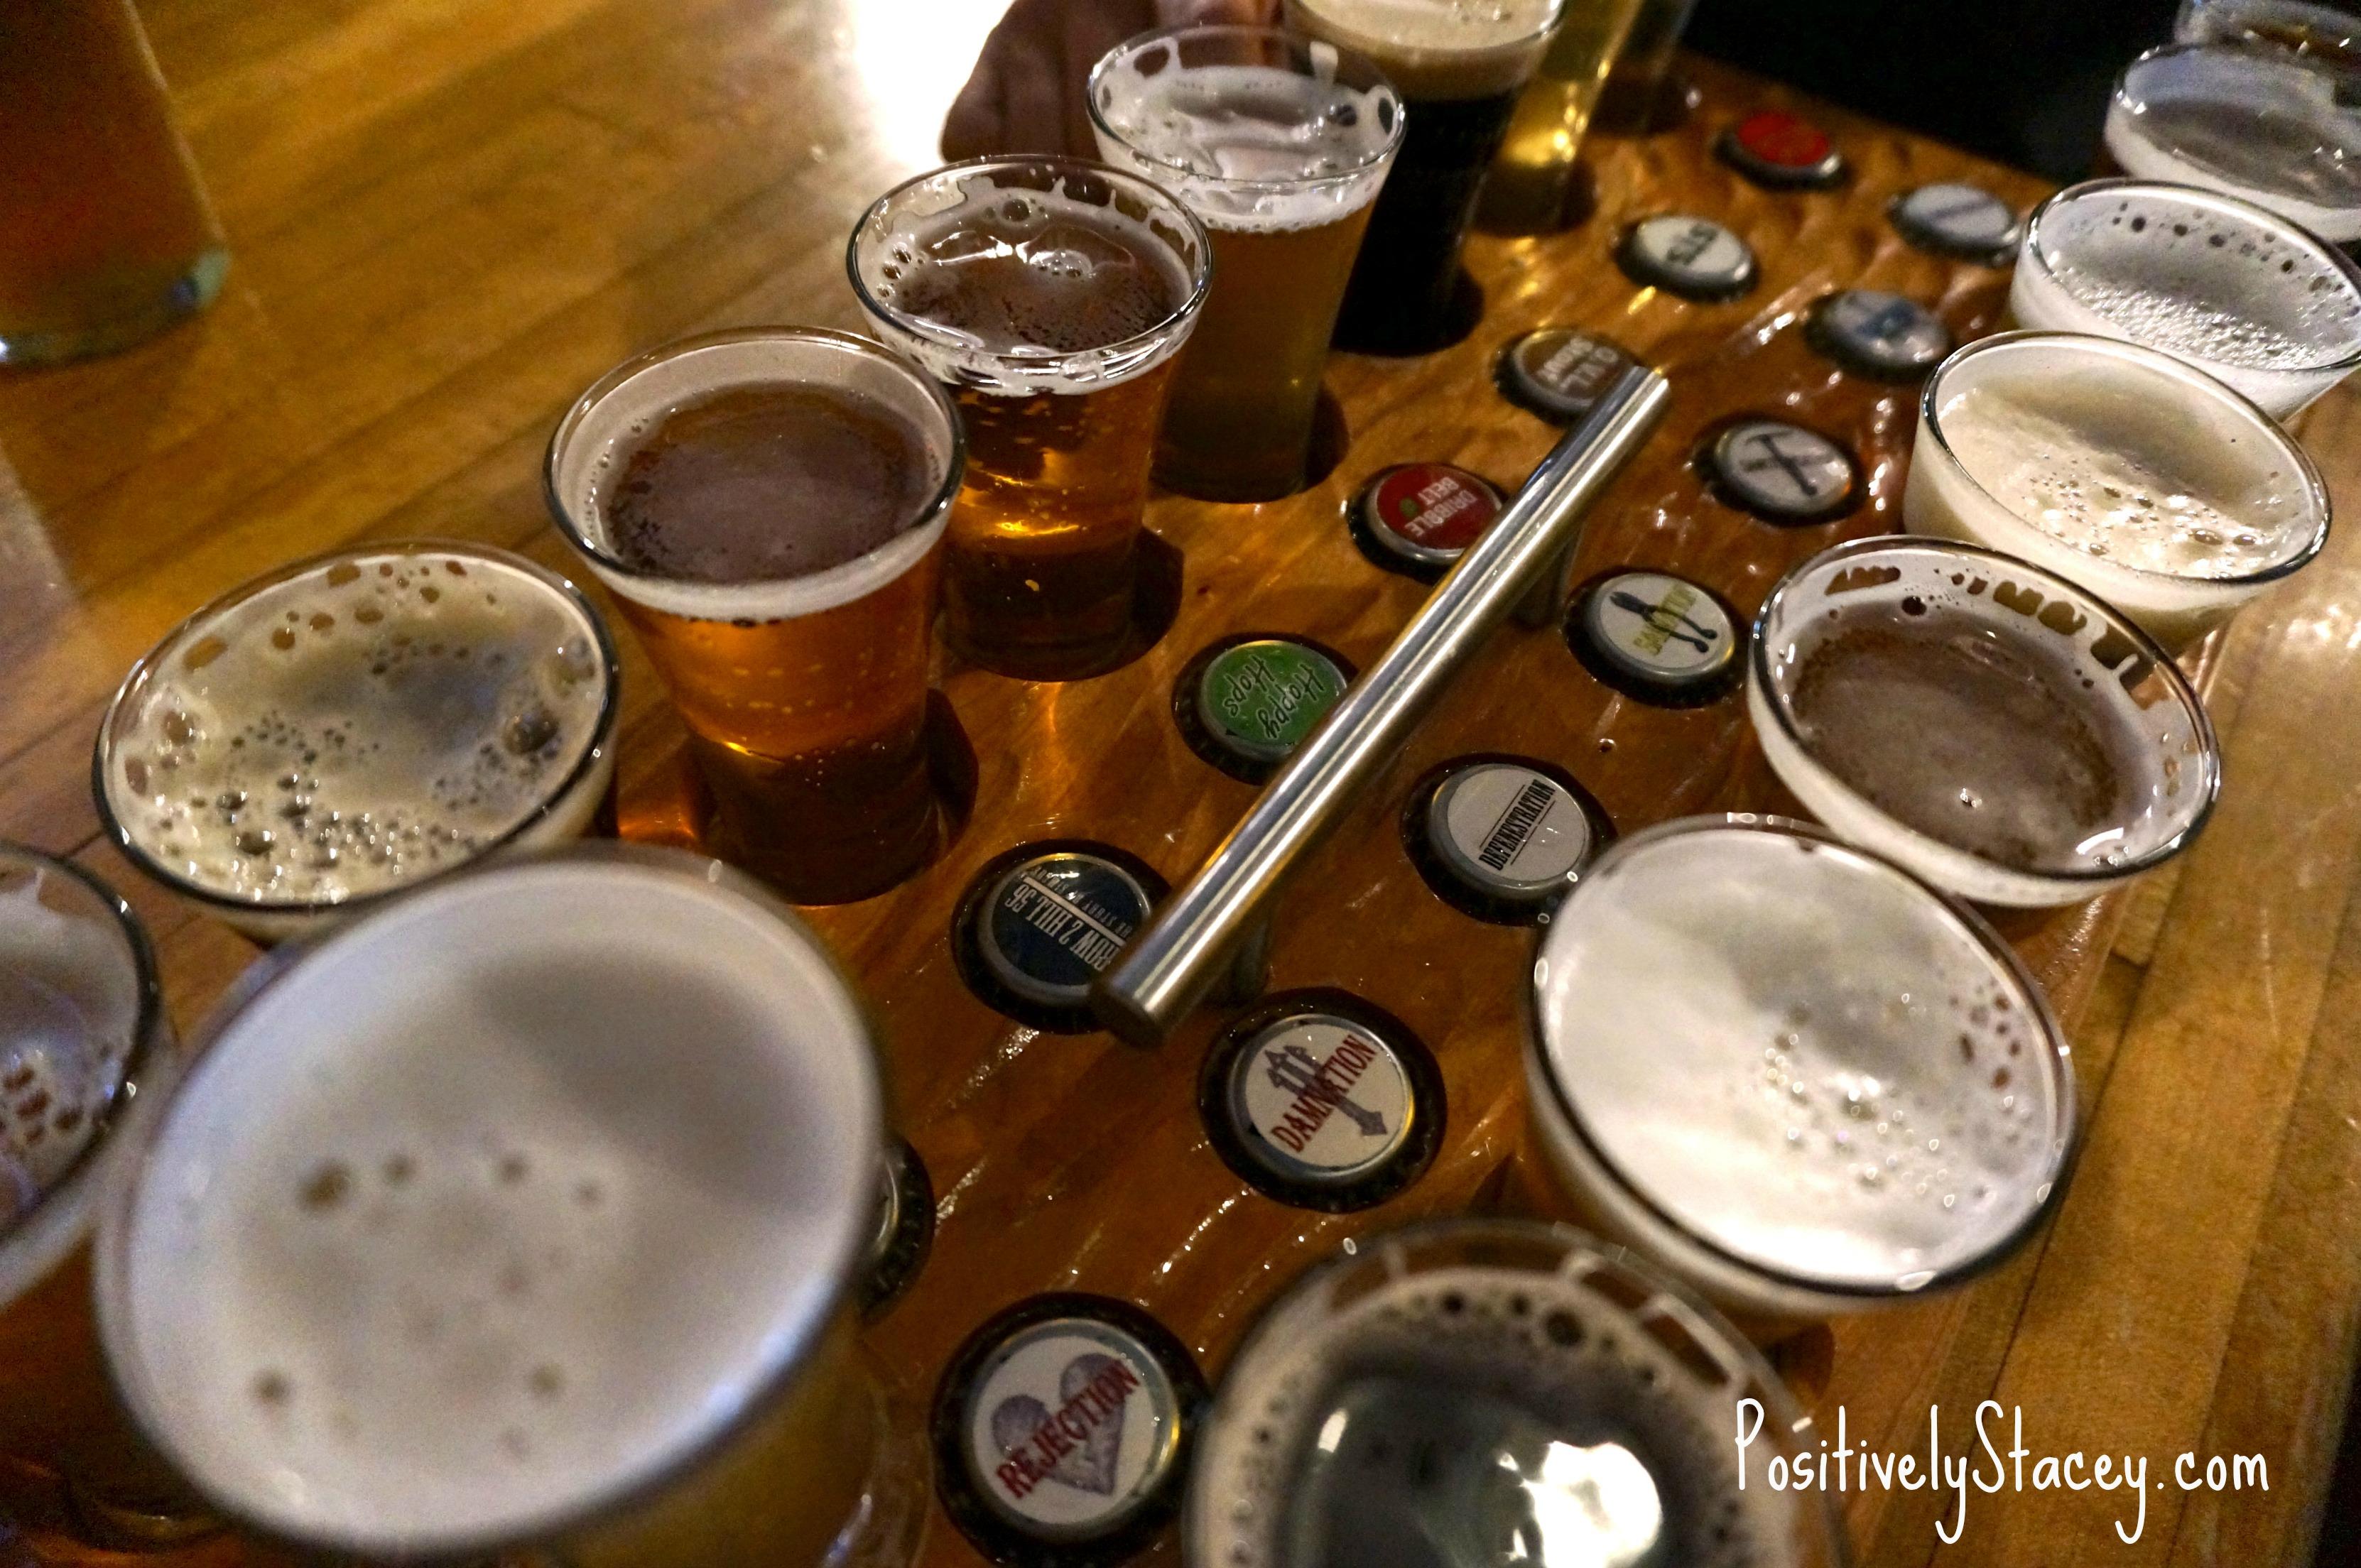 Sampler of 19 Beers!